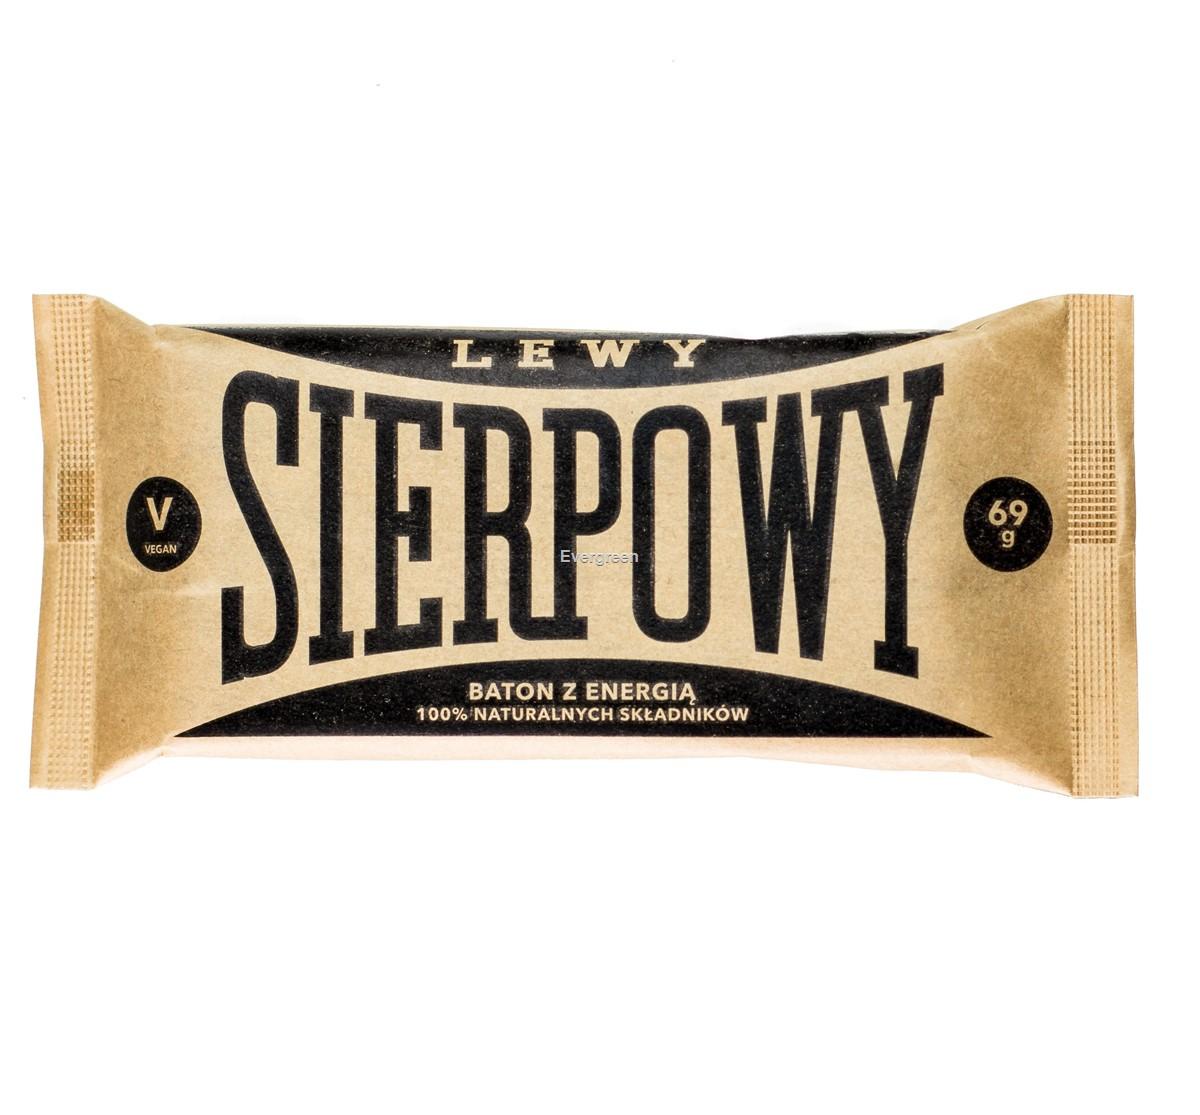 Baton Lewy Sierpowy 69g